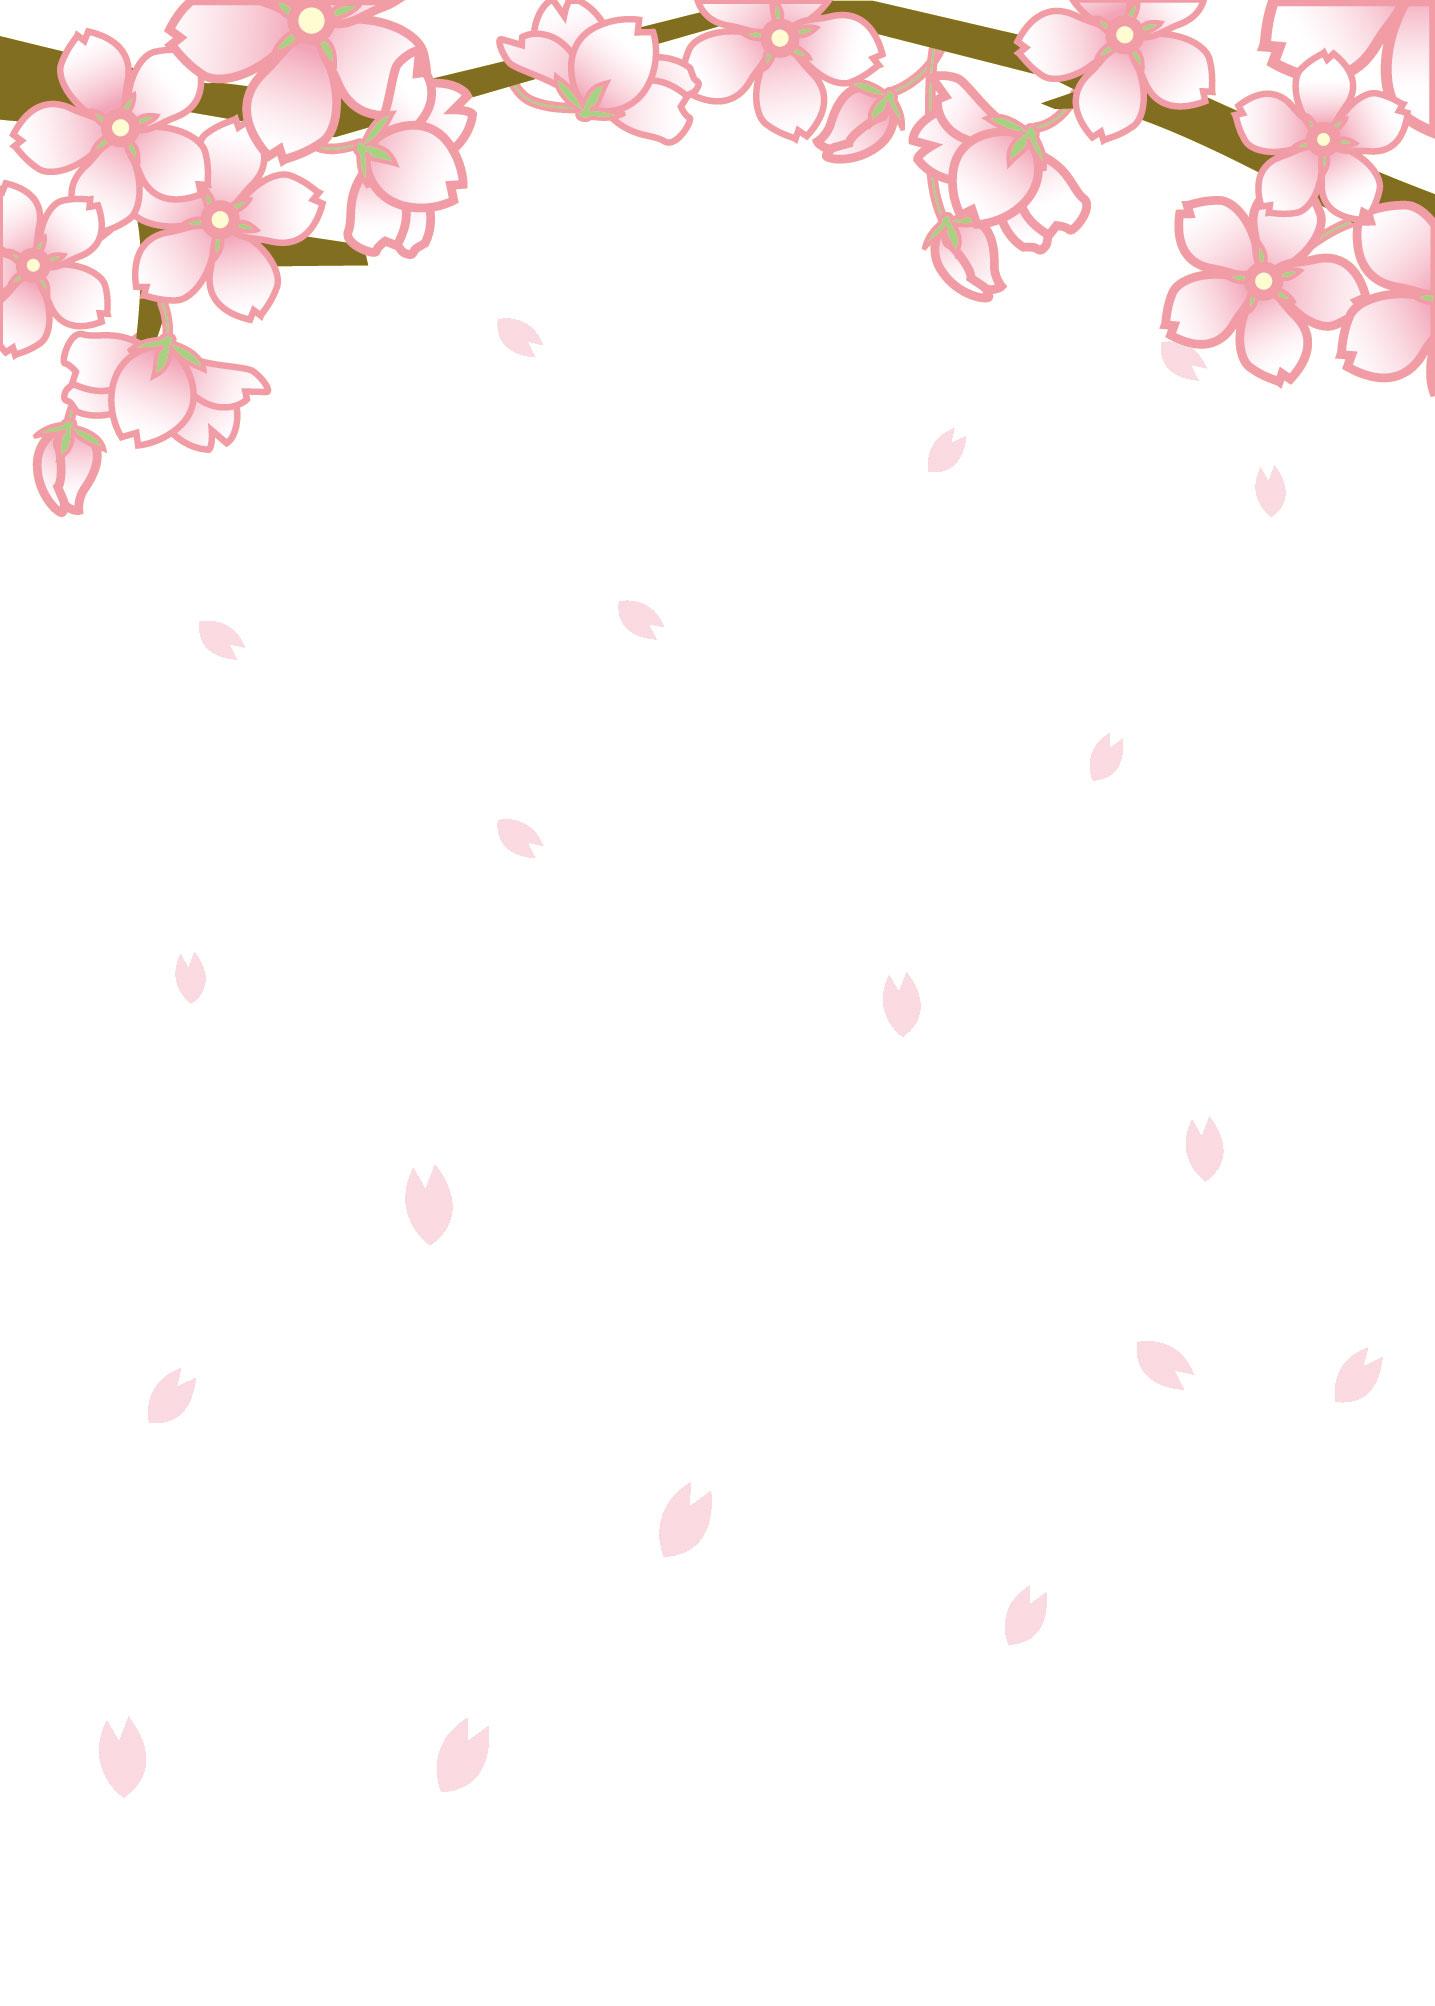 春のイラストno 157 舞い散る桜 壁紙にも 無料のフリー素材集